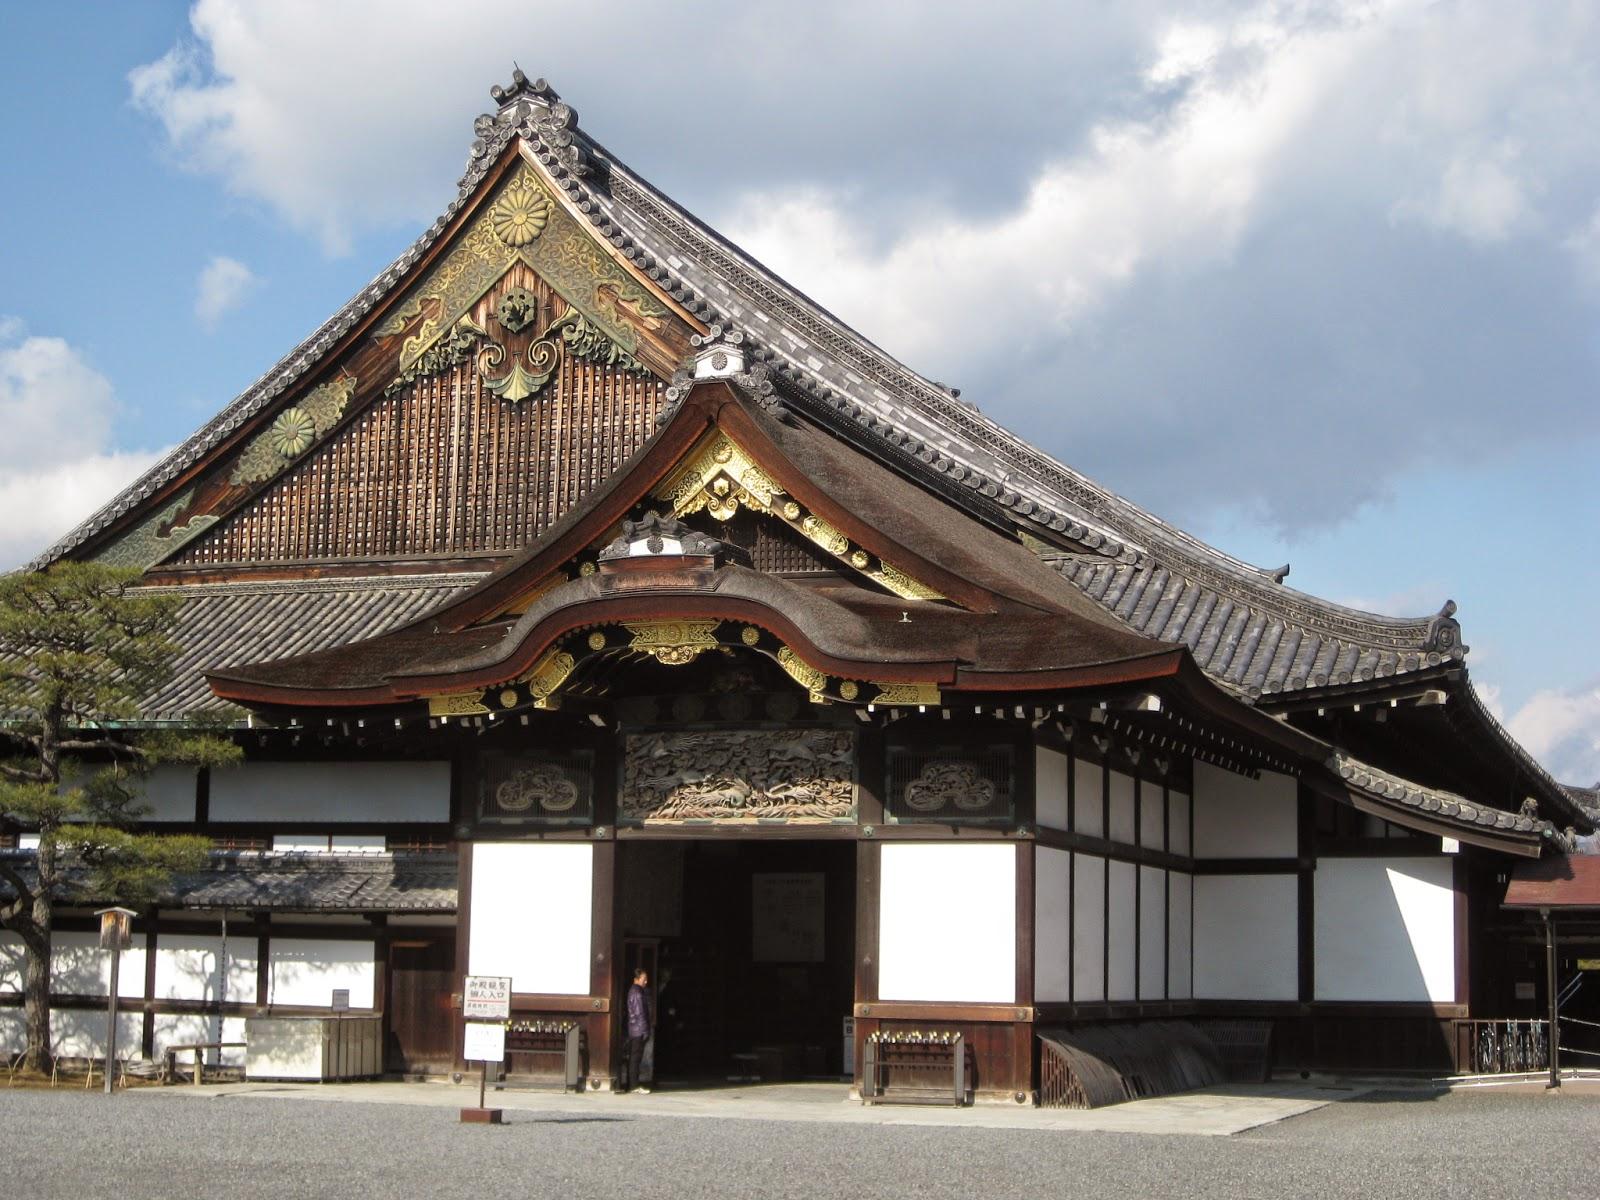 Kyoto - Ninomaru Palace, located inside the Nijo Castle grounds